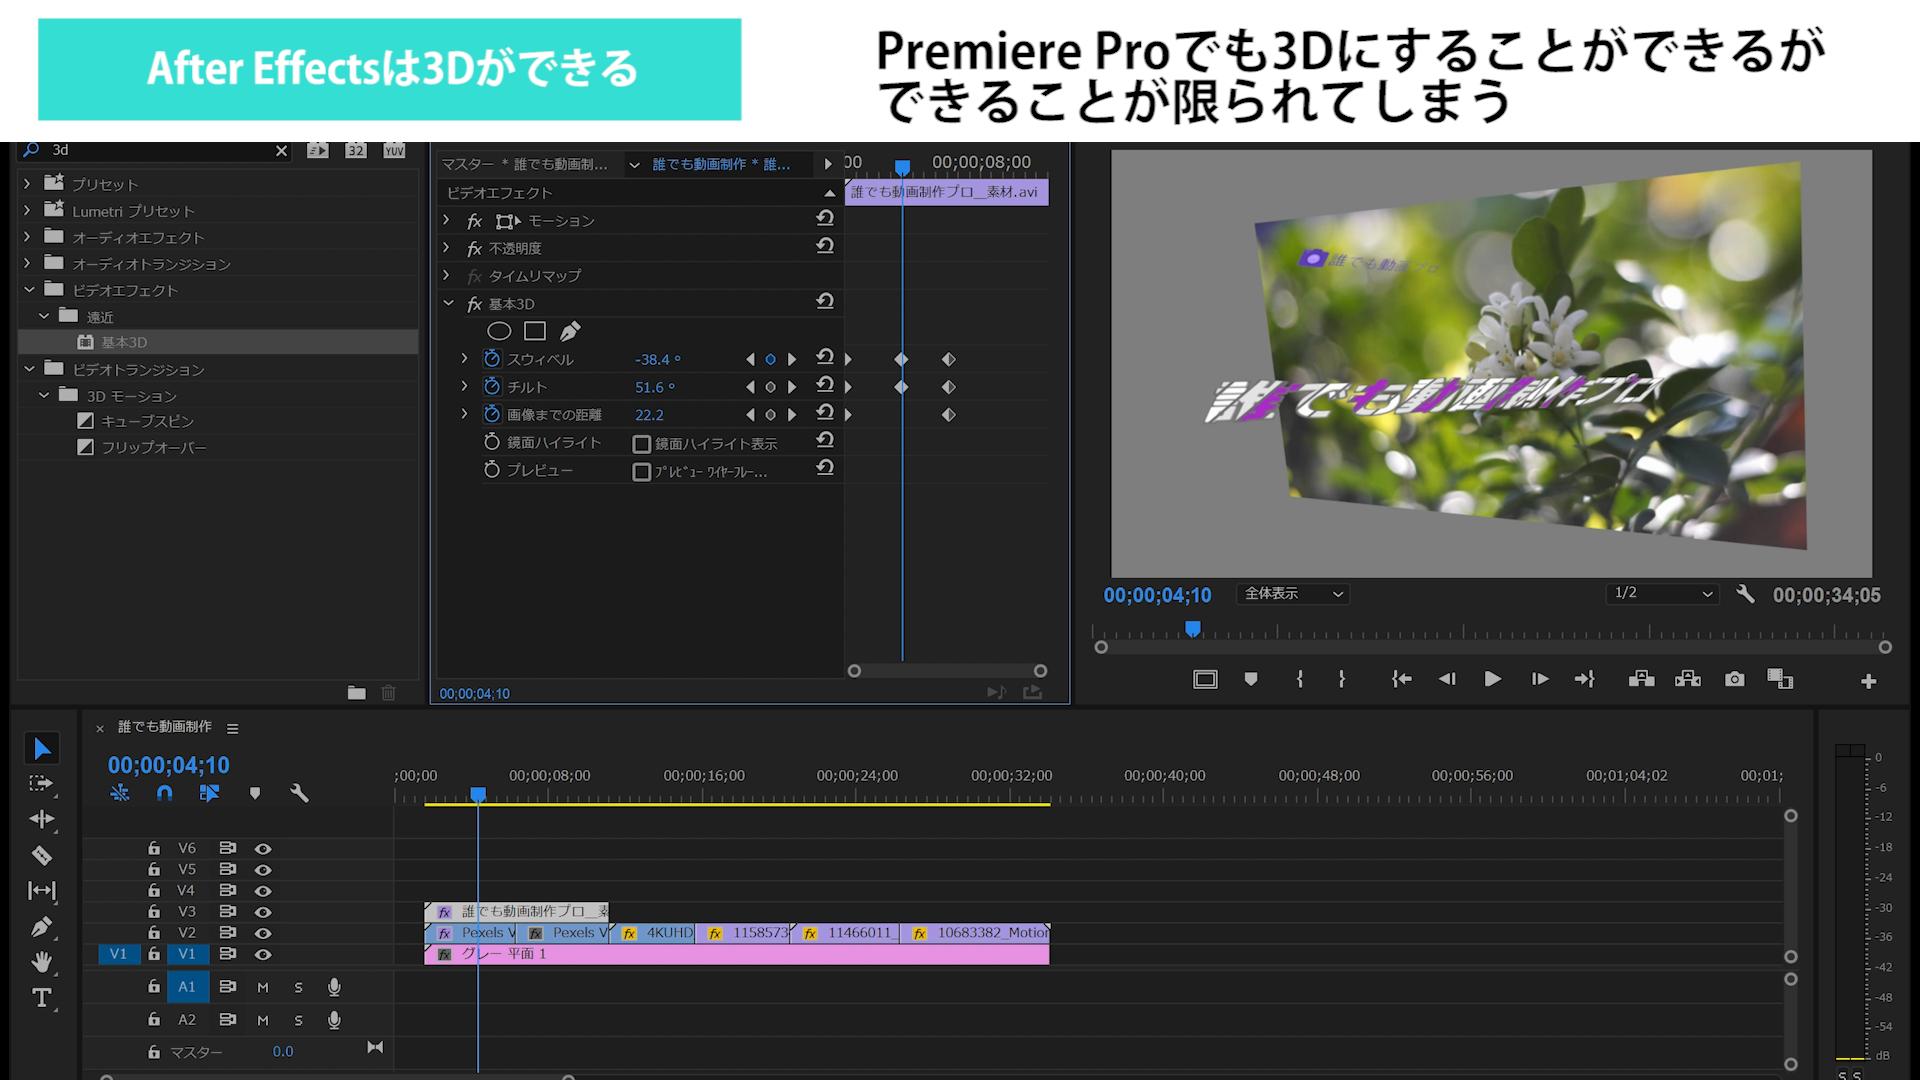 Premiereでも3Dにすることは可能